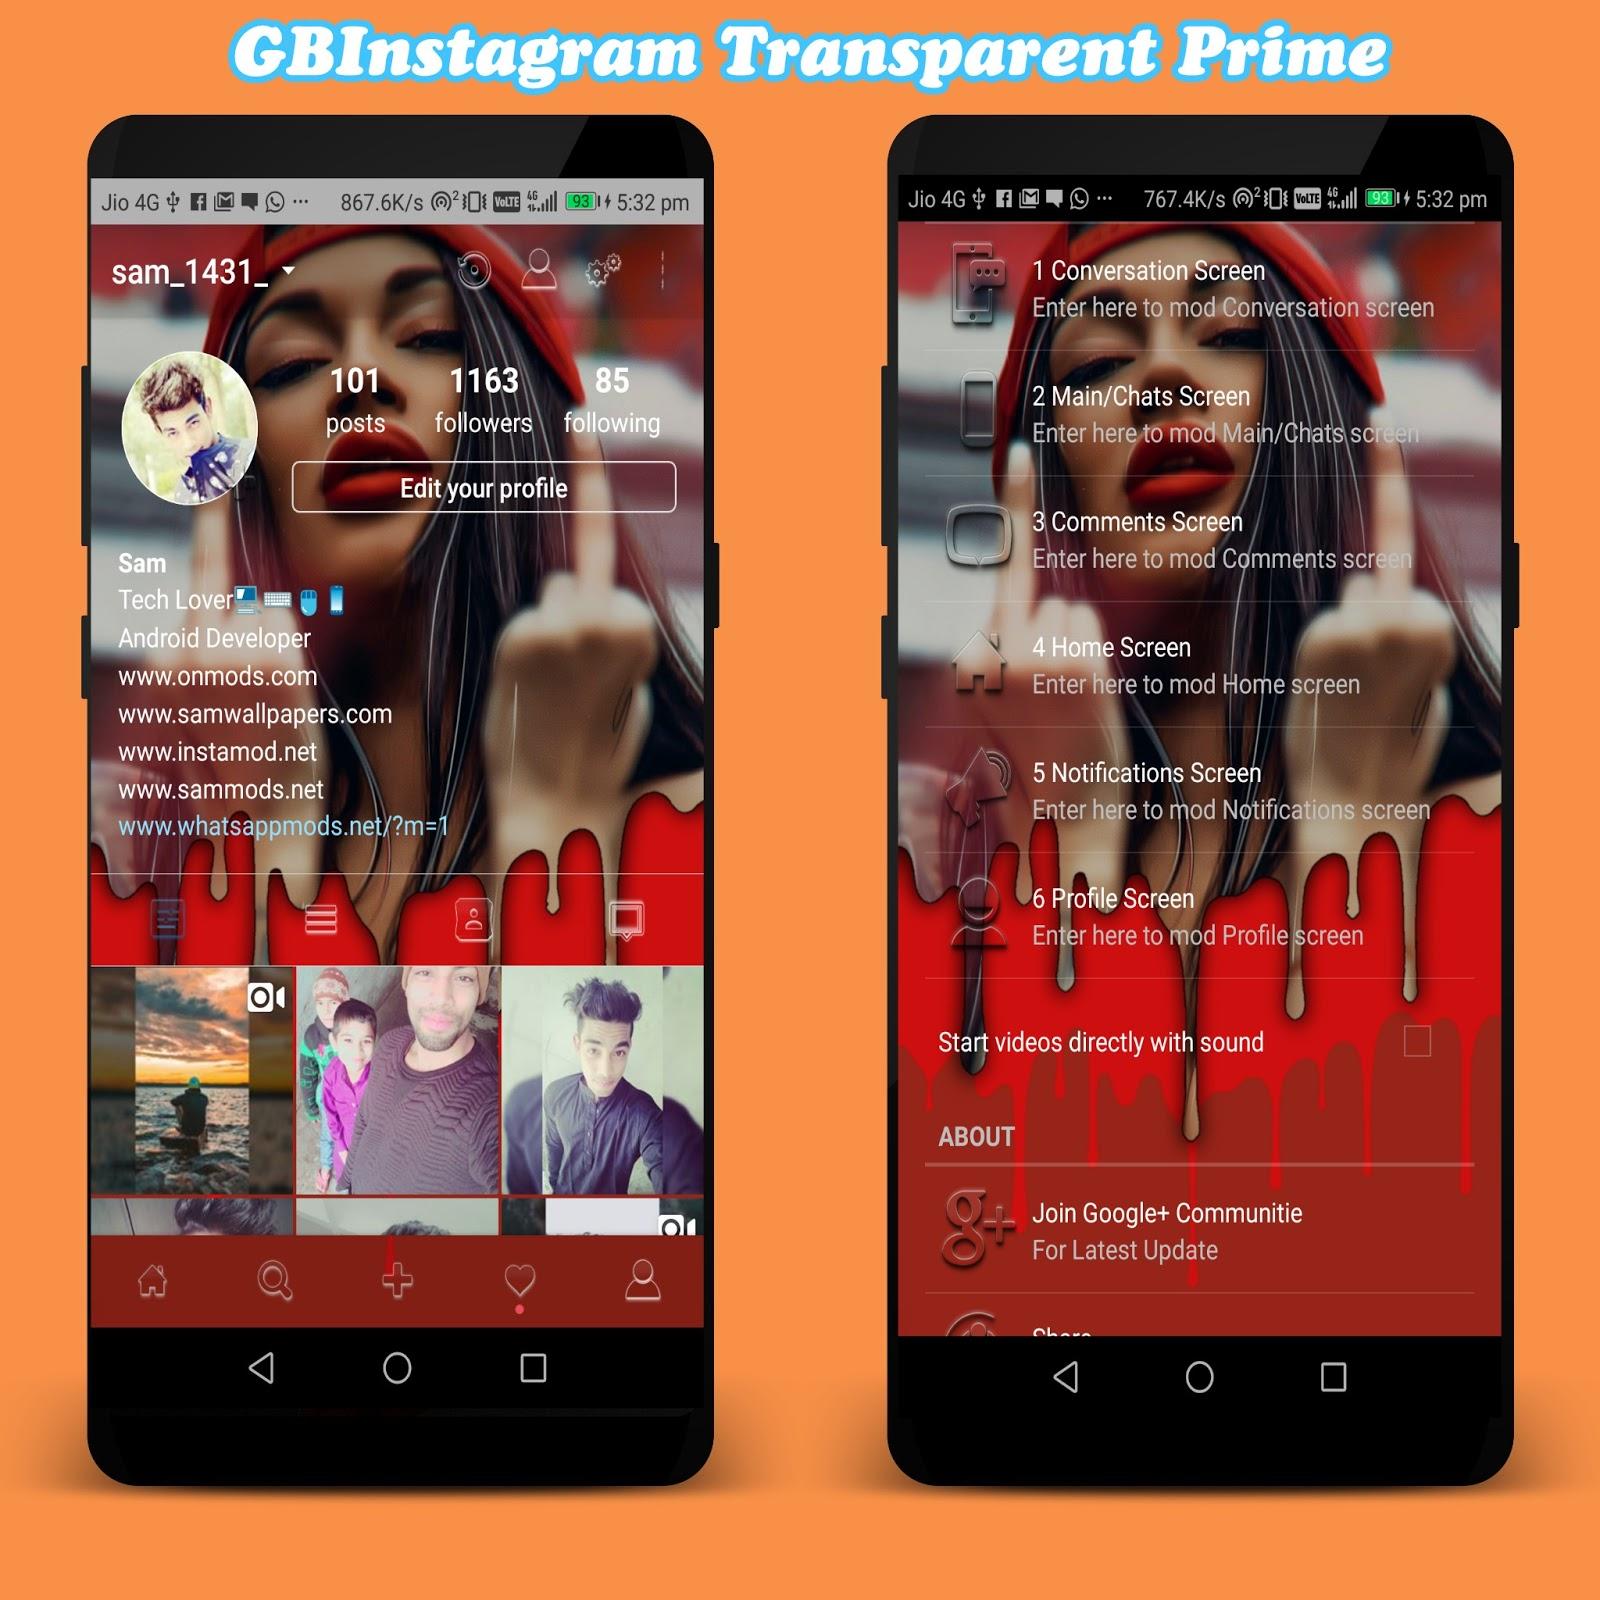 GBInstagram Transparent Prime v1 30 Latest Version Download